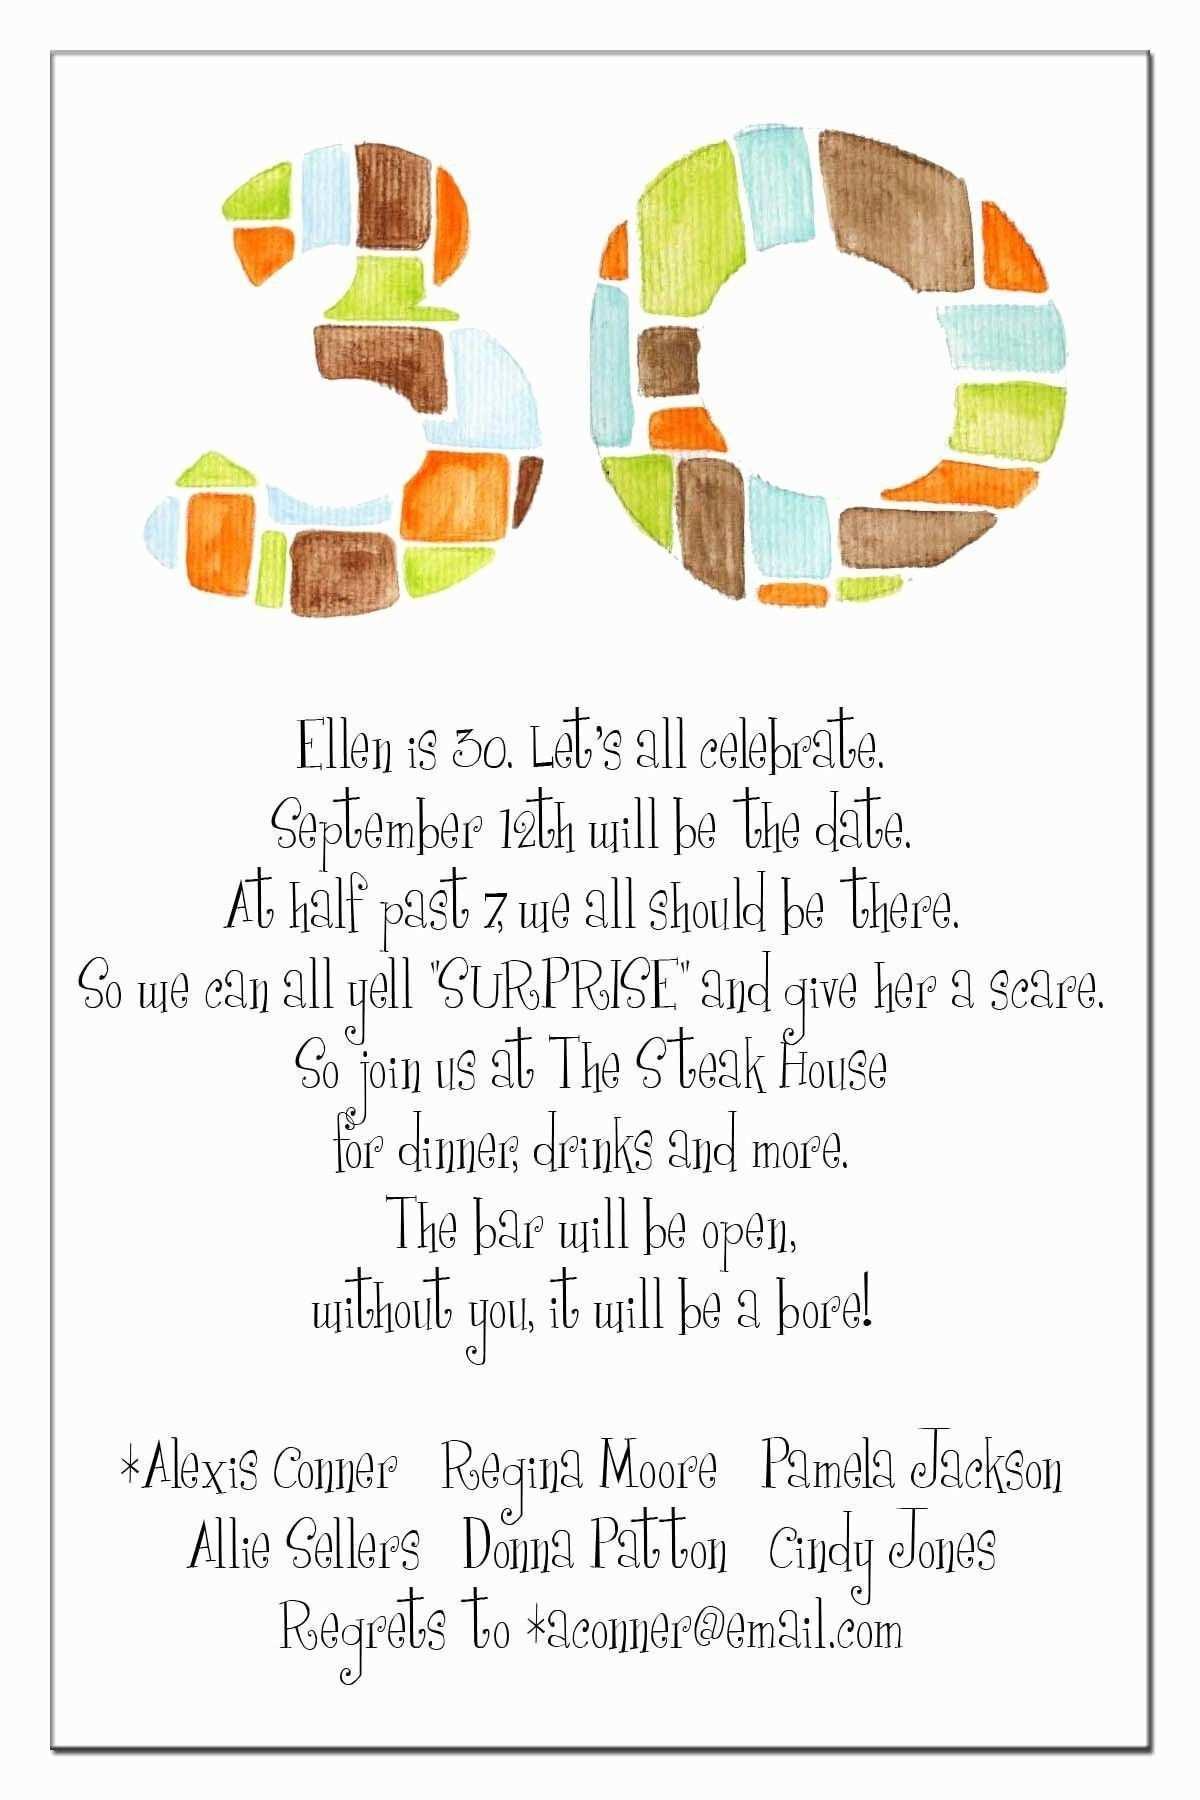 Einladungskarten Einladungen 30 Geburtstag Einladung Insparadies Einladung Insparadie Einladung 30 Geburtstag Einladung Geburtstag Spruch 30 Geburtstag